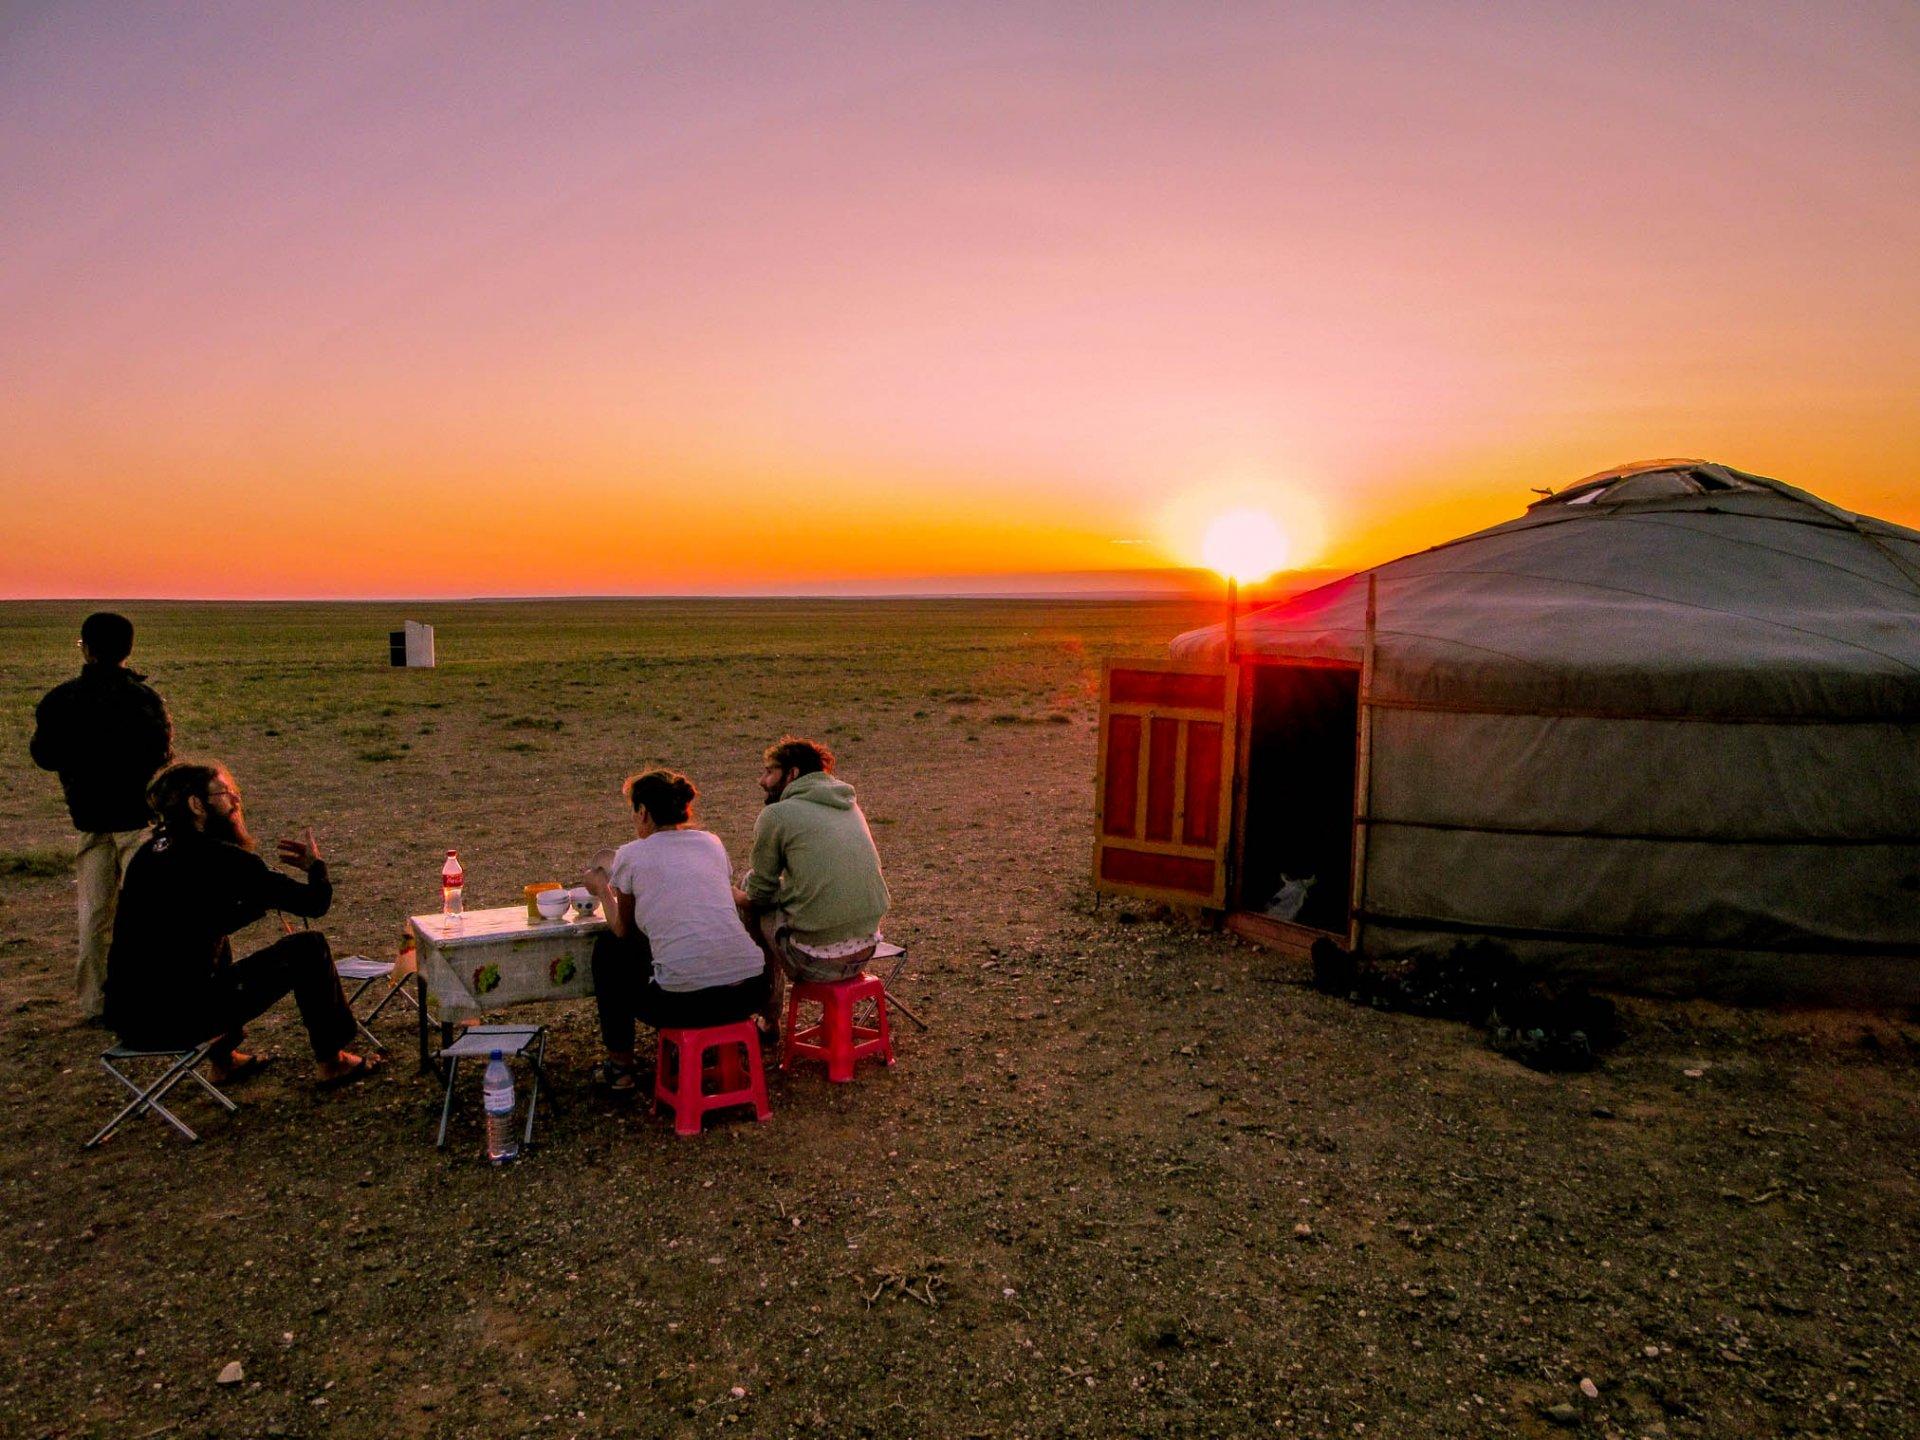 Bij een ger genieten van de zonsondergang in de Gobi